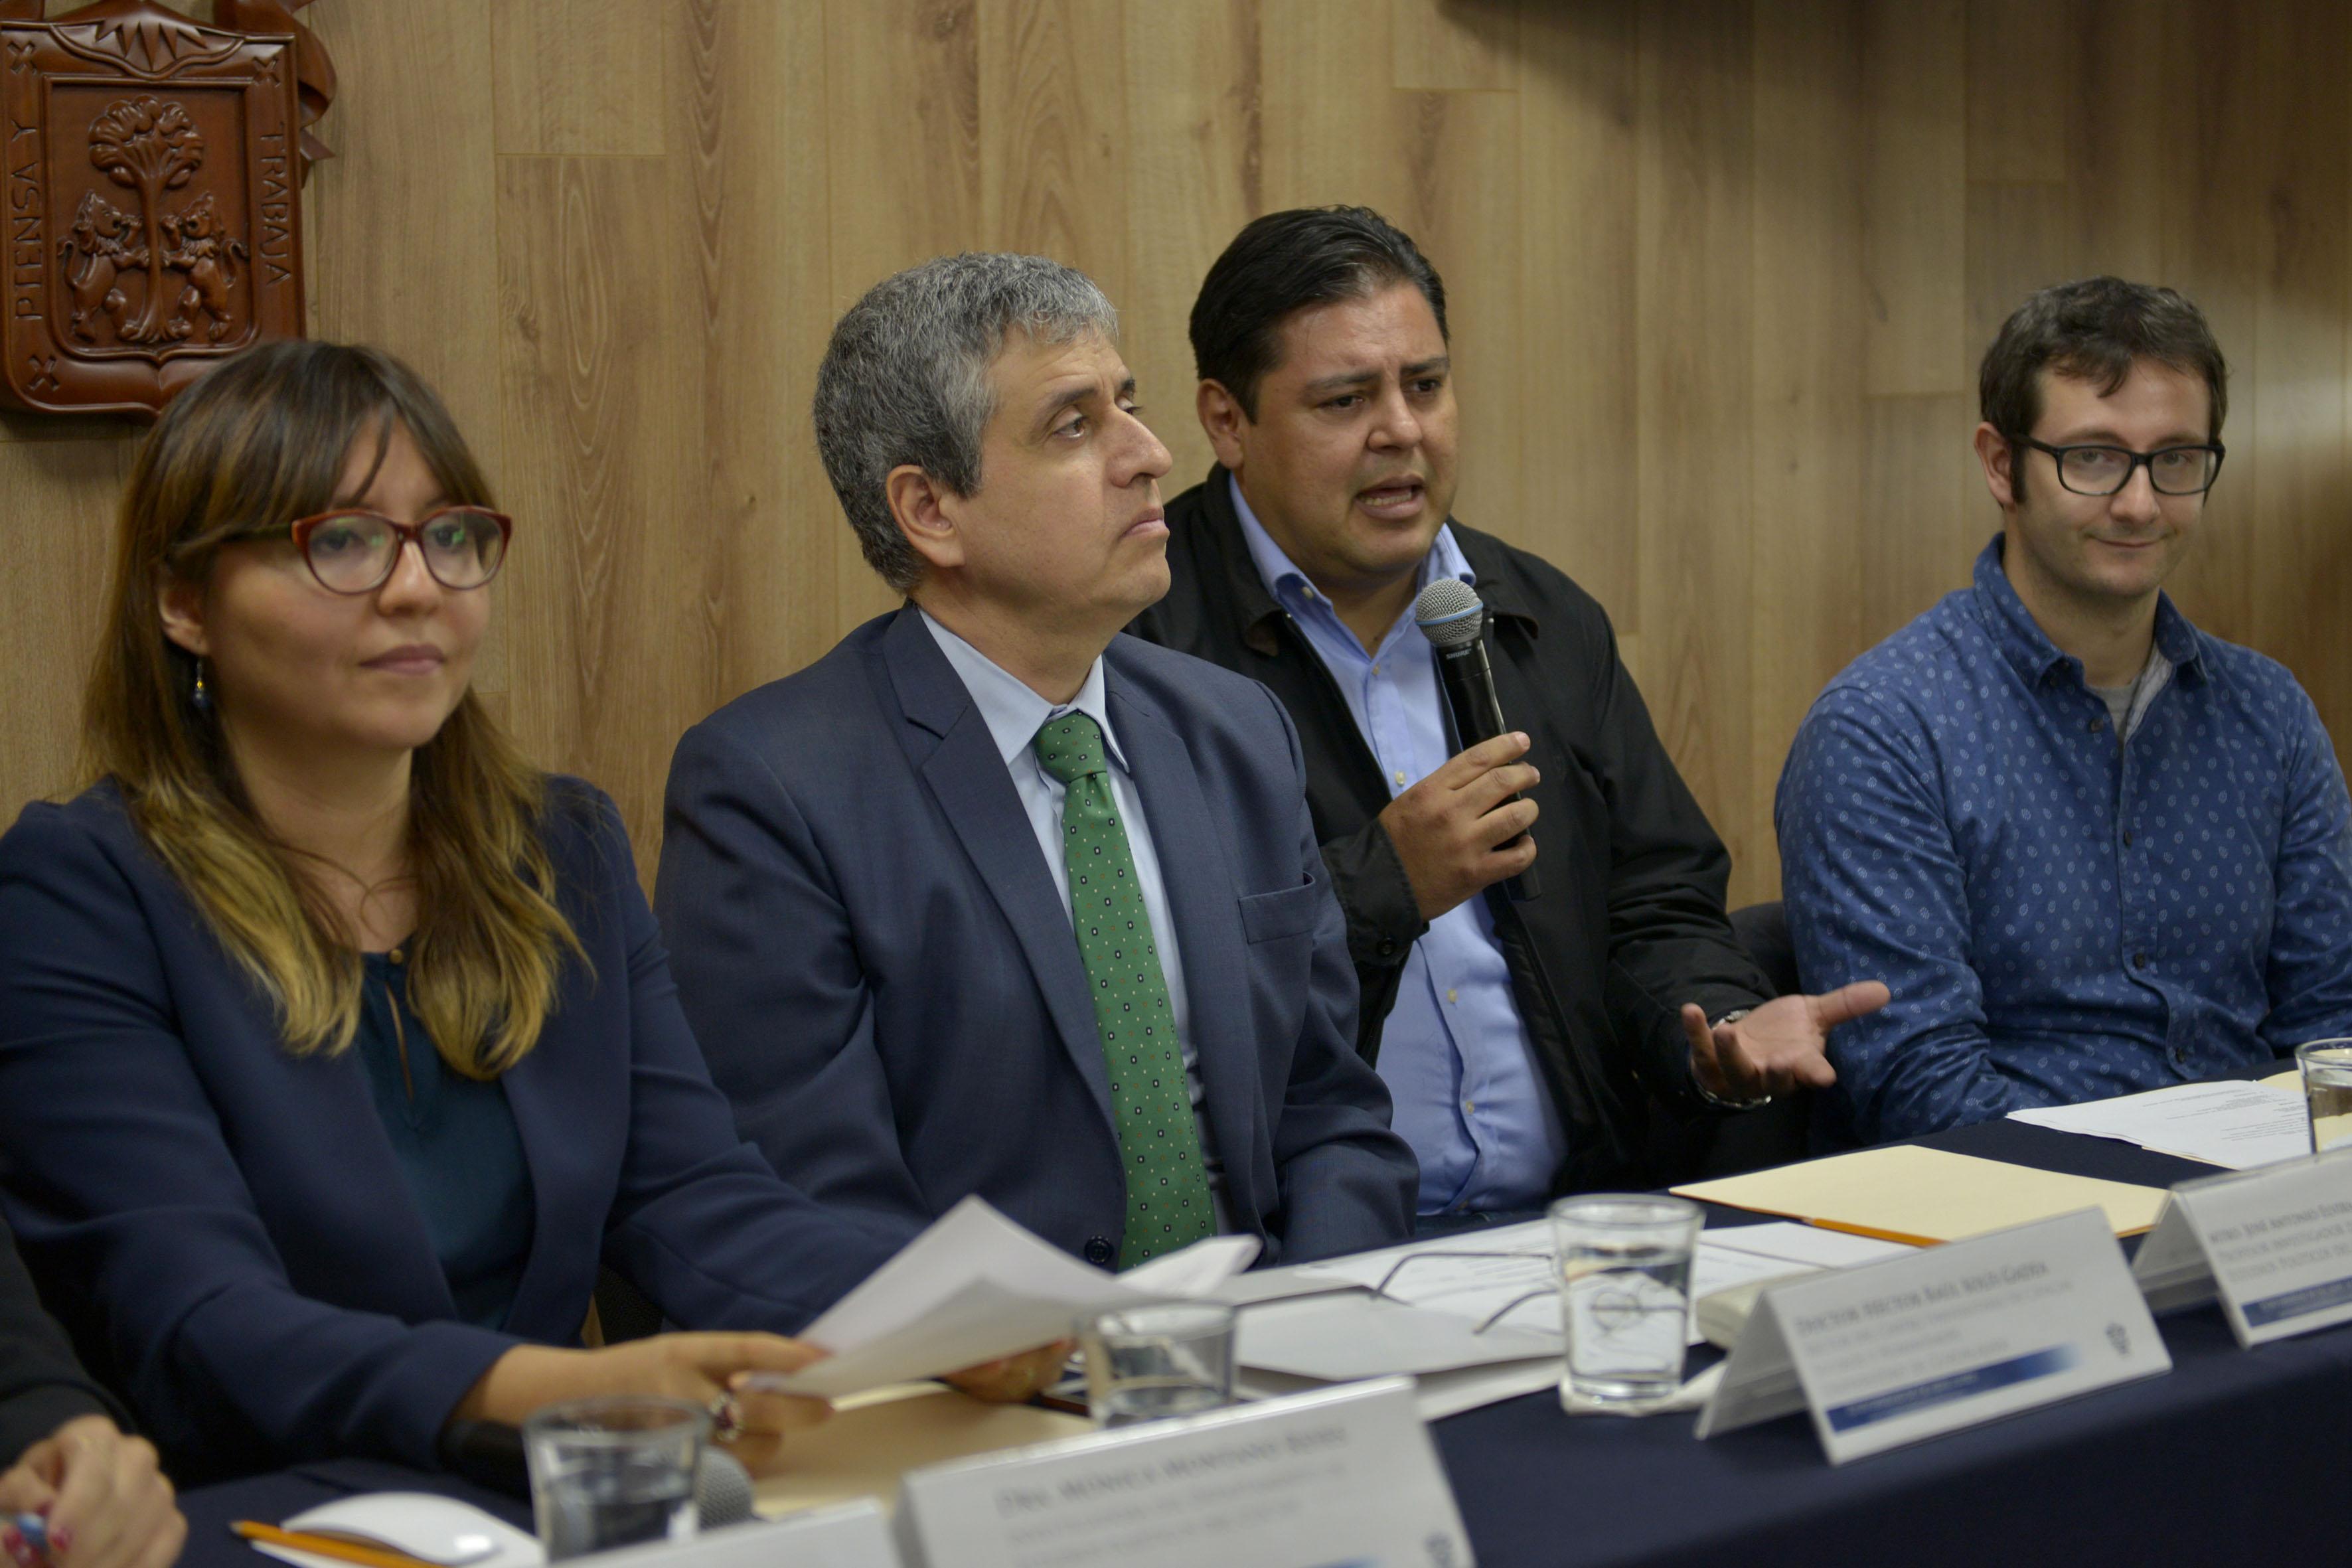 Mtro. José Antonio Reyes de la Torre, Profesor investigador del Departamento de Estudios Políticos del CUCSH, haciendo uso de la palabra durante rueda de prensa.